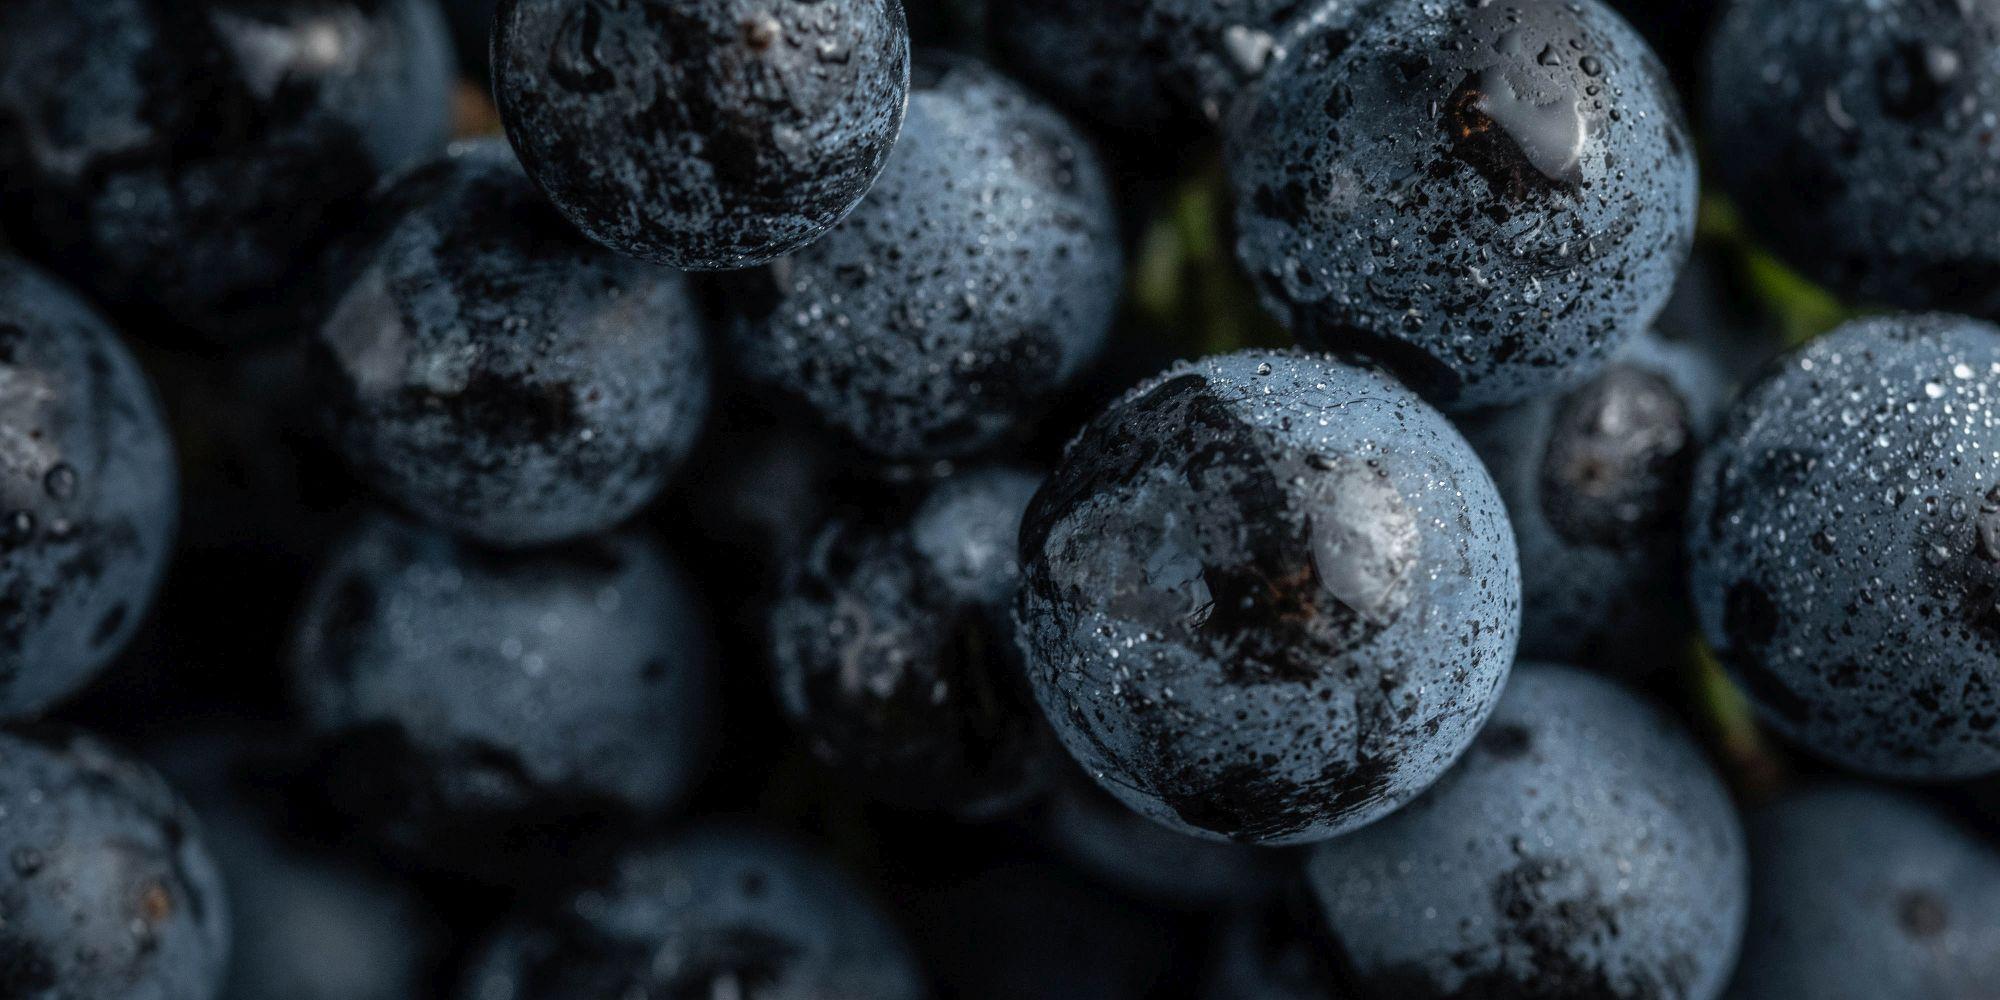 Kékszőlő-fajták, vörösbor-stílusok